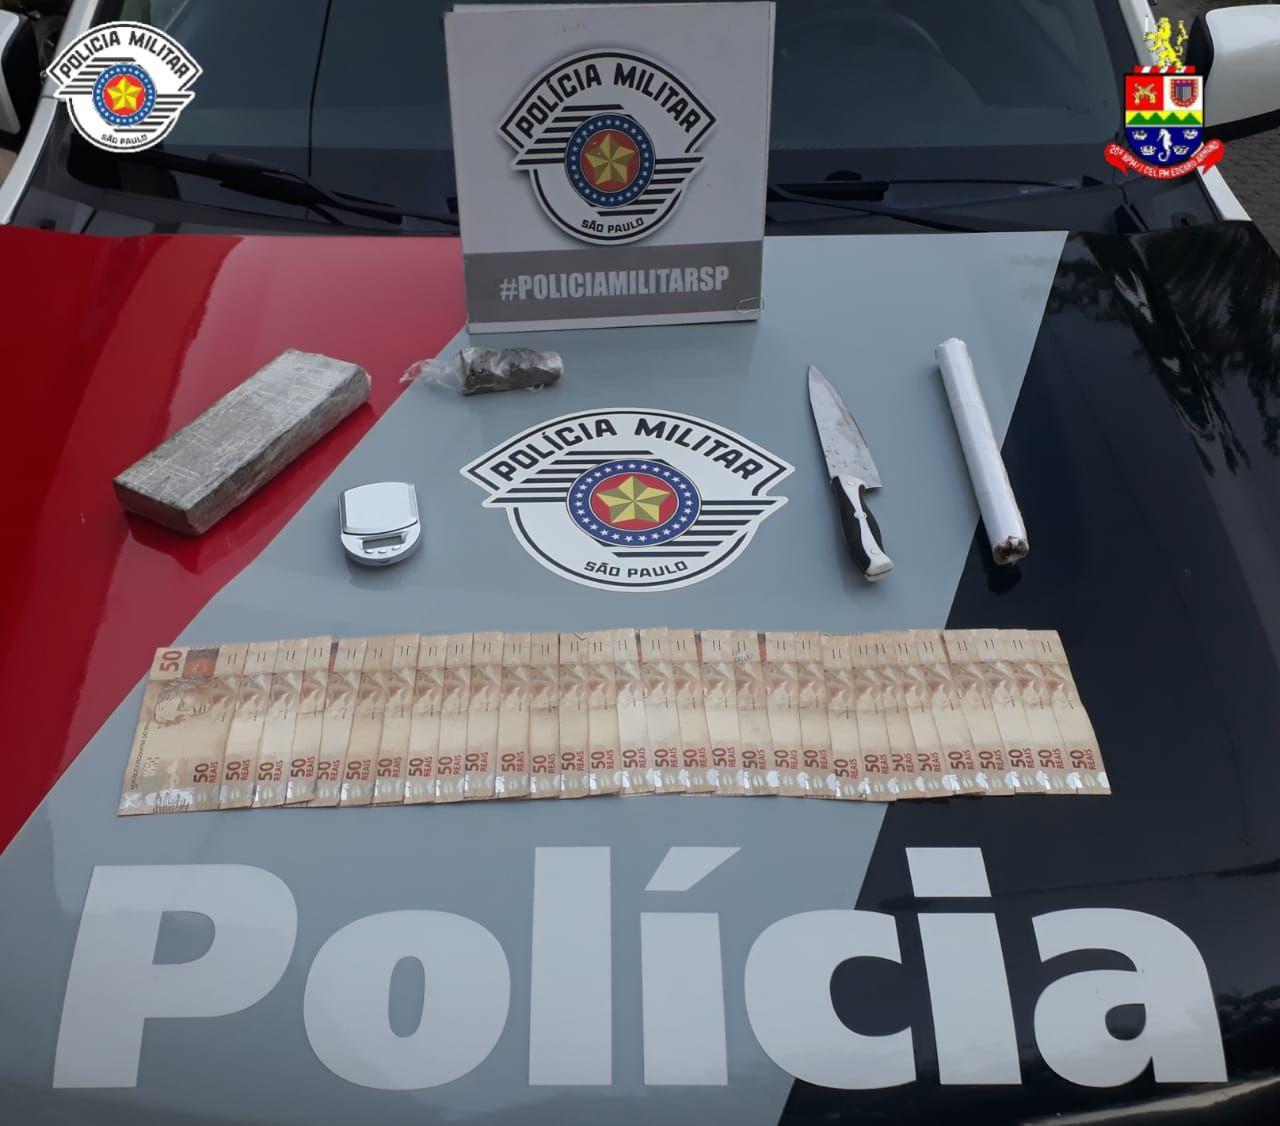 Conteúdo encontrado pela Polícia Militar  / Divulgação/Polícia Militar